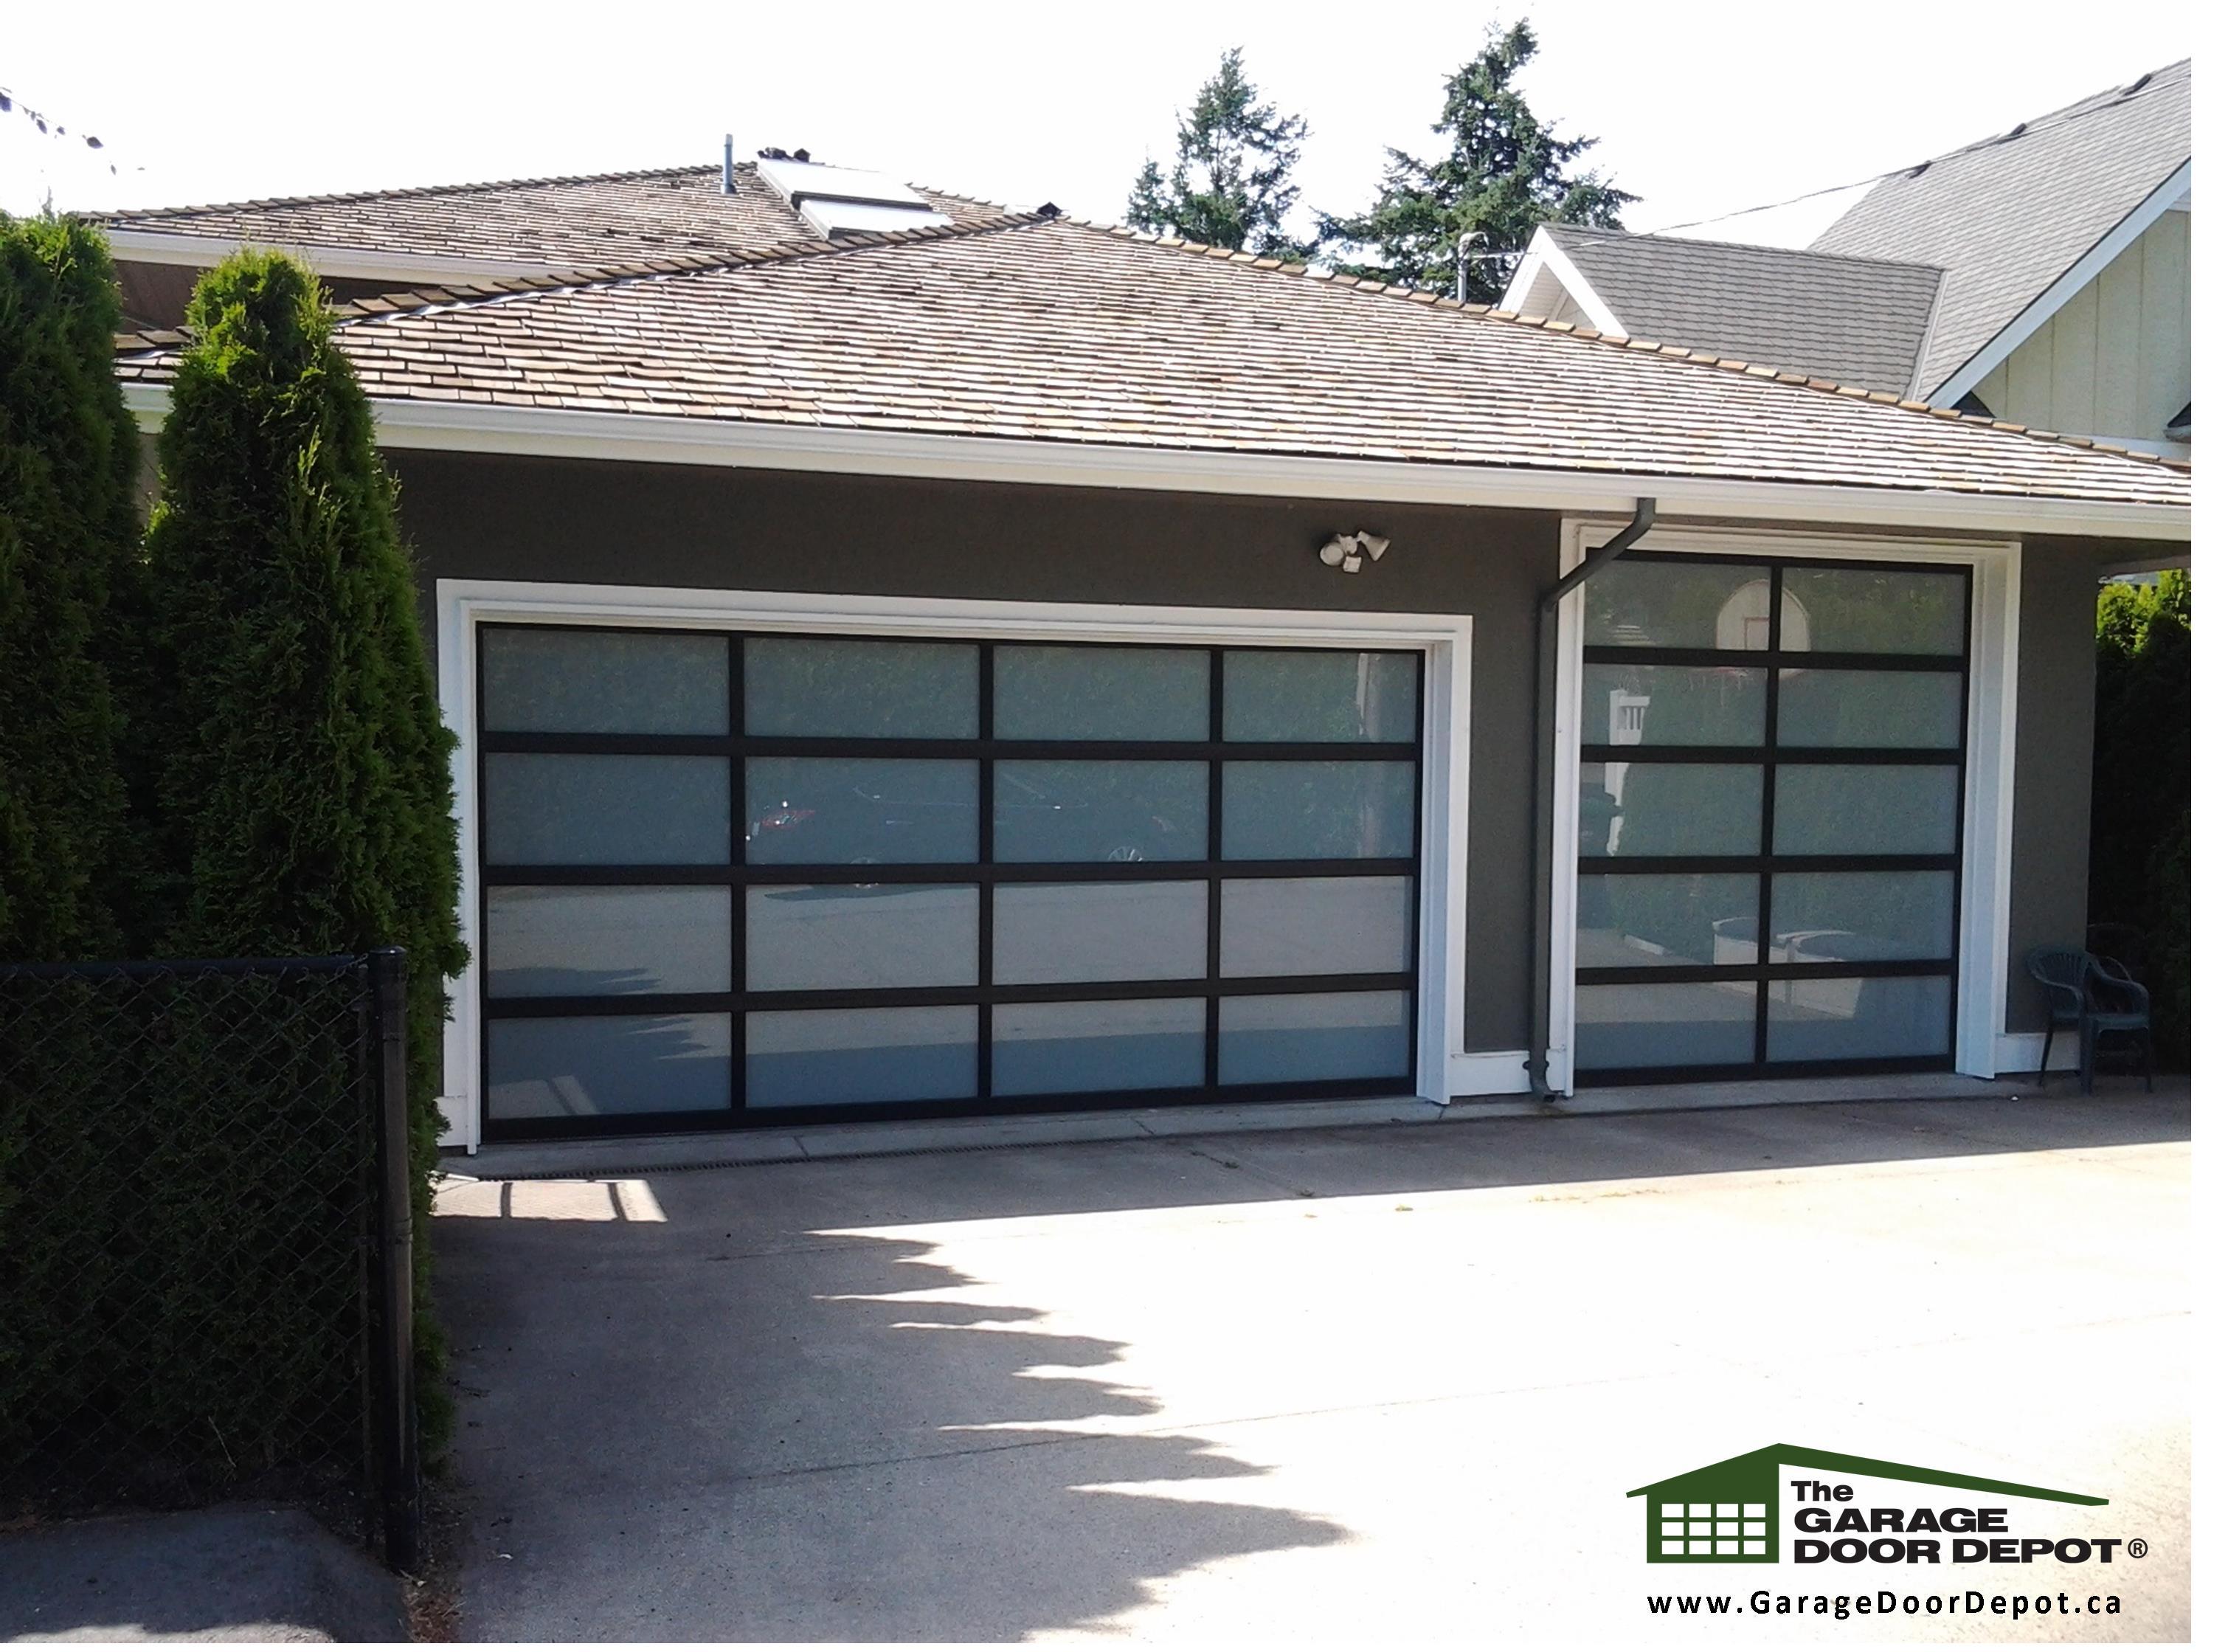 & The Garage Door Depot - Richmond\u0027s #1 Garage Door Company